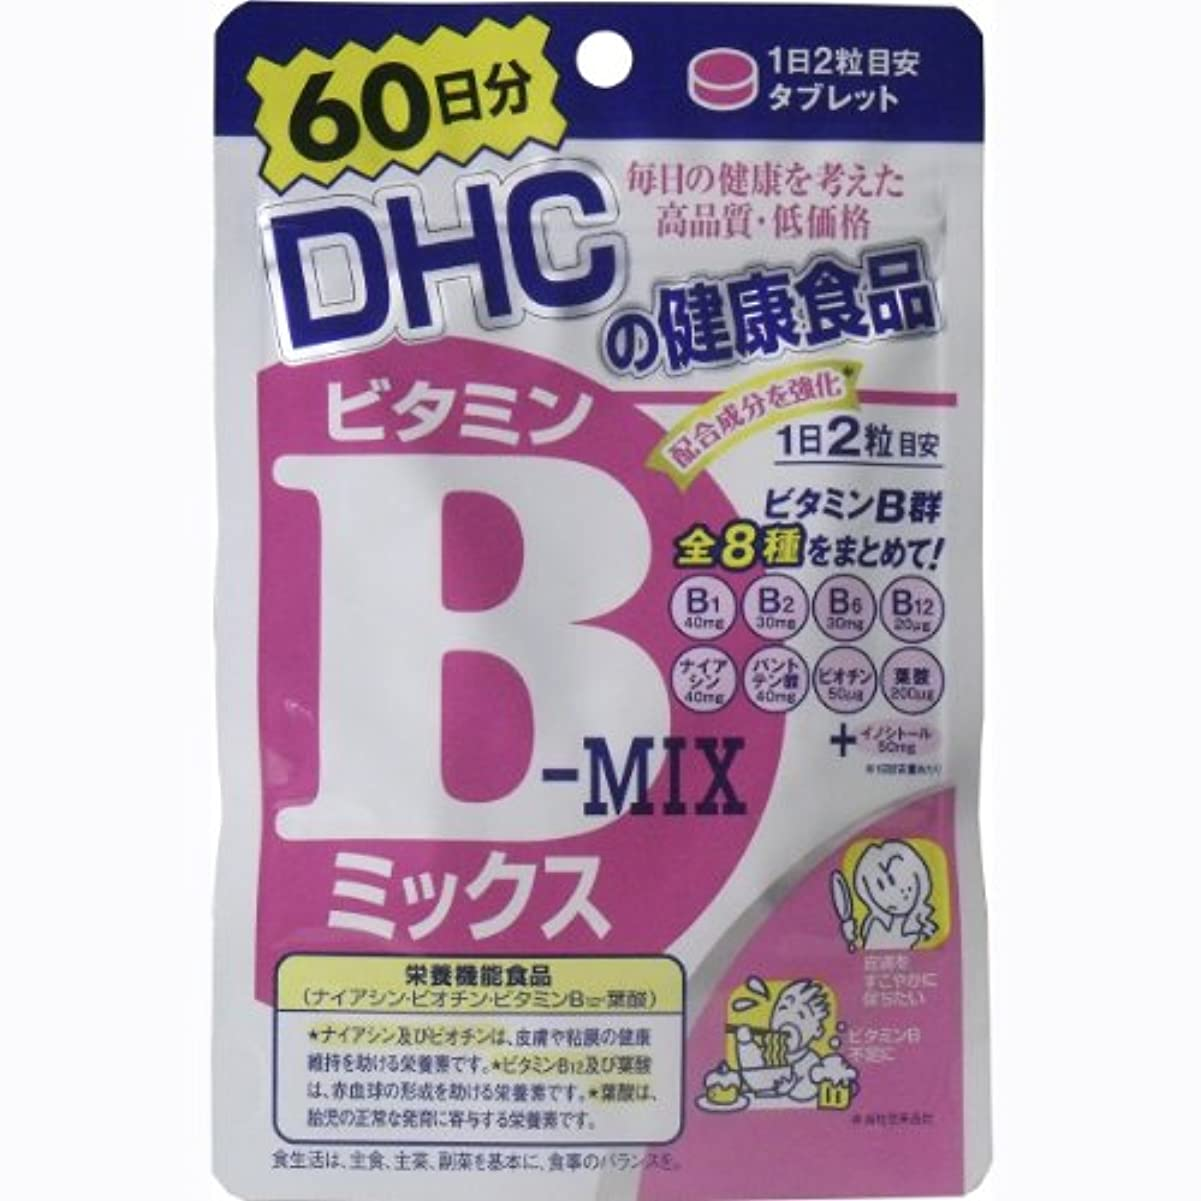 ロードされた自殺ひねりDHC ビタミンBミックス 120粒 60日分 ×10個セット